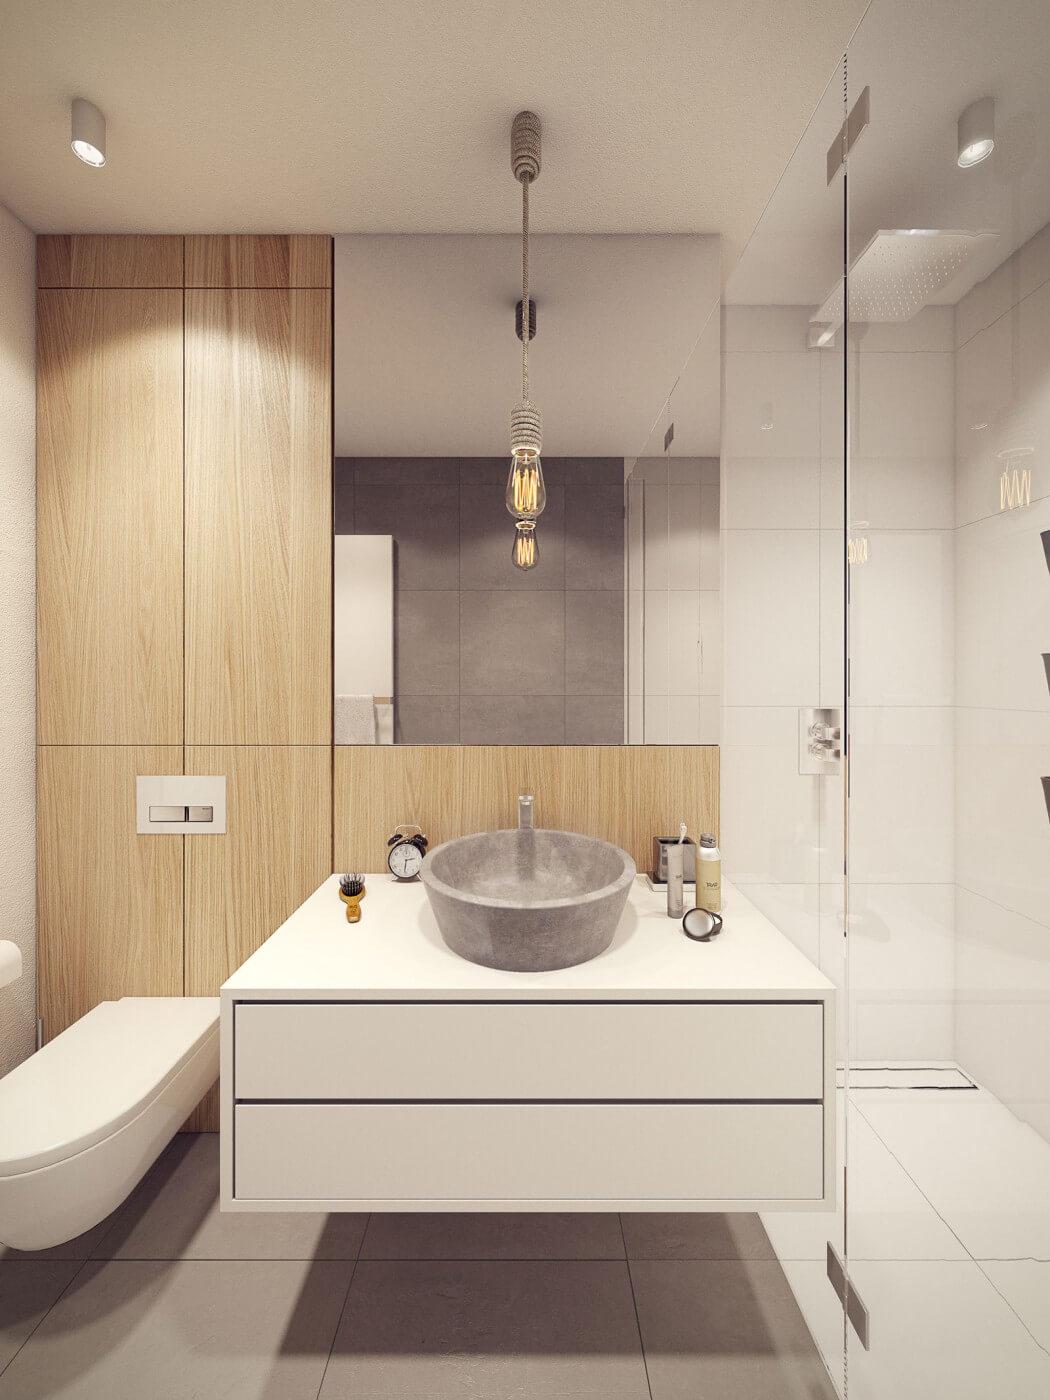 حمام مودرن 22 أفكار رائعة وديكورات مبتكرة في منزل مودرن متميز